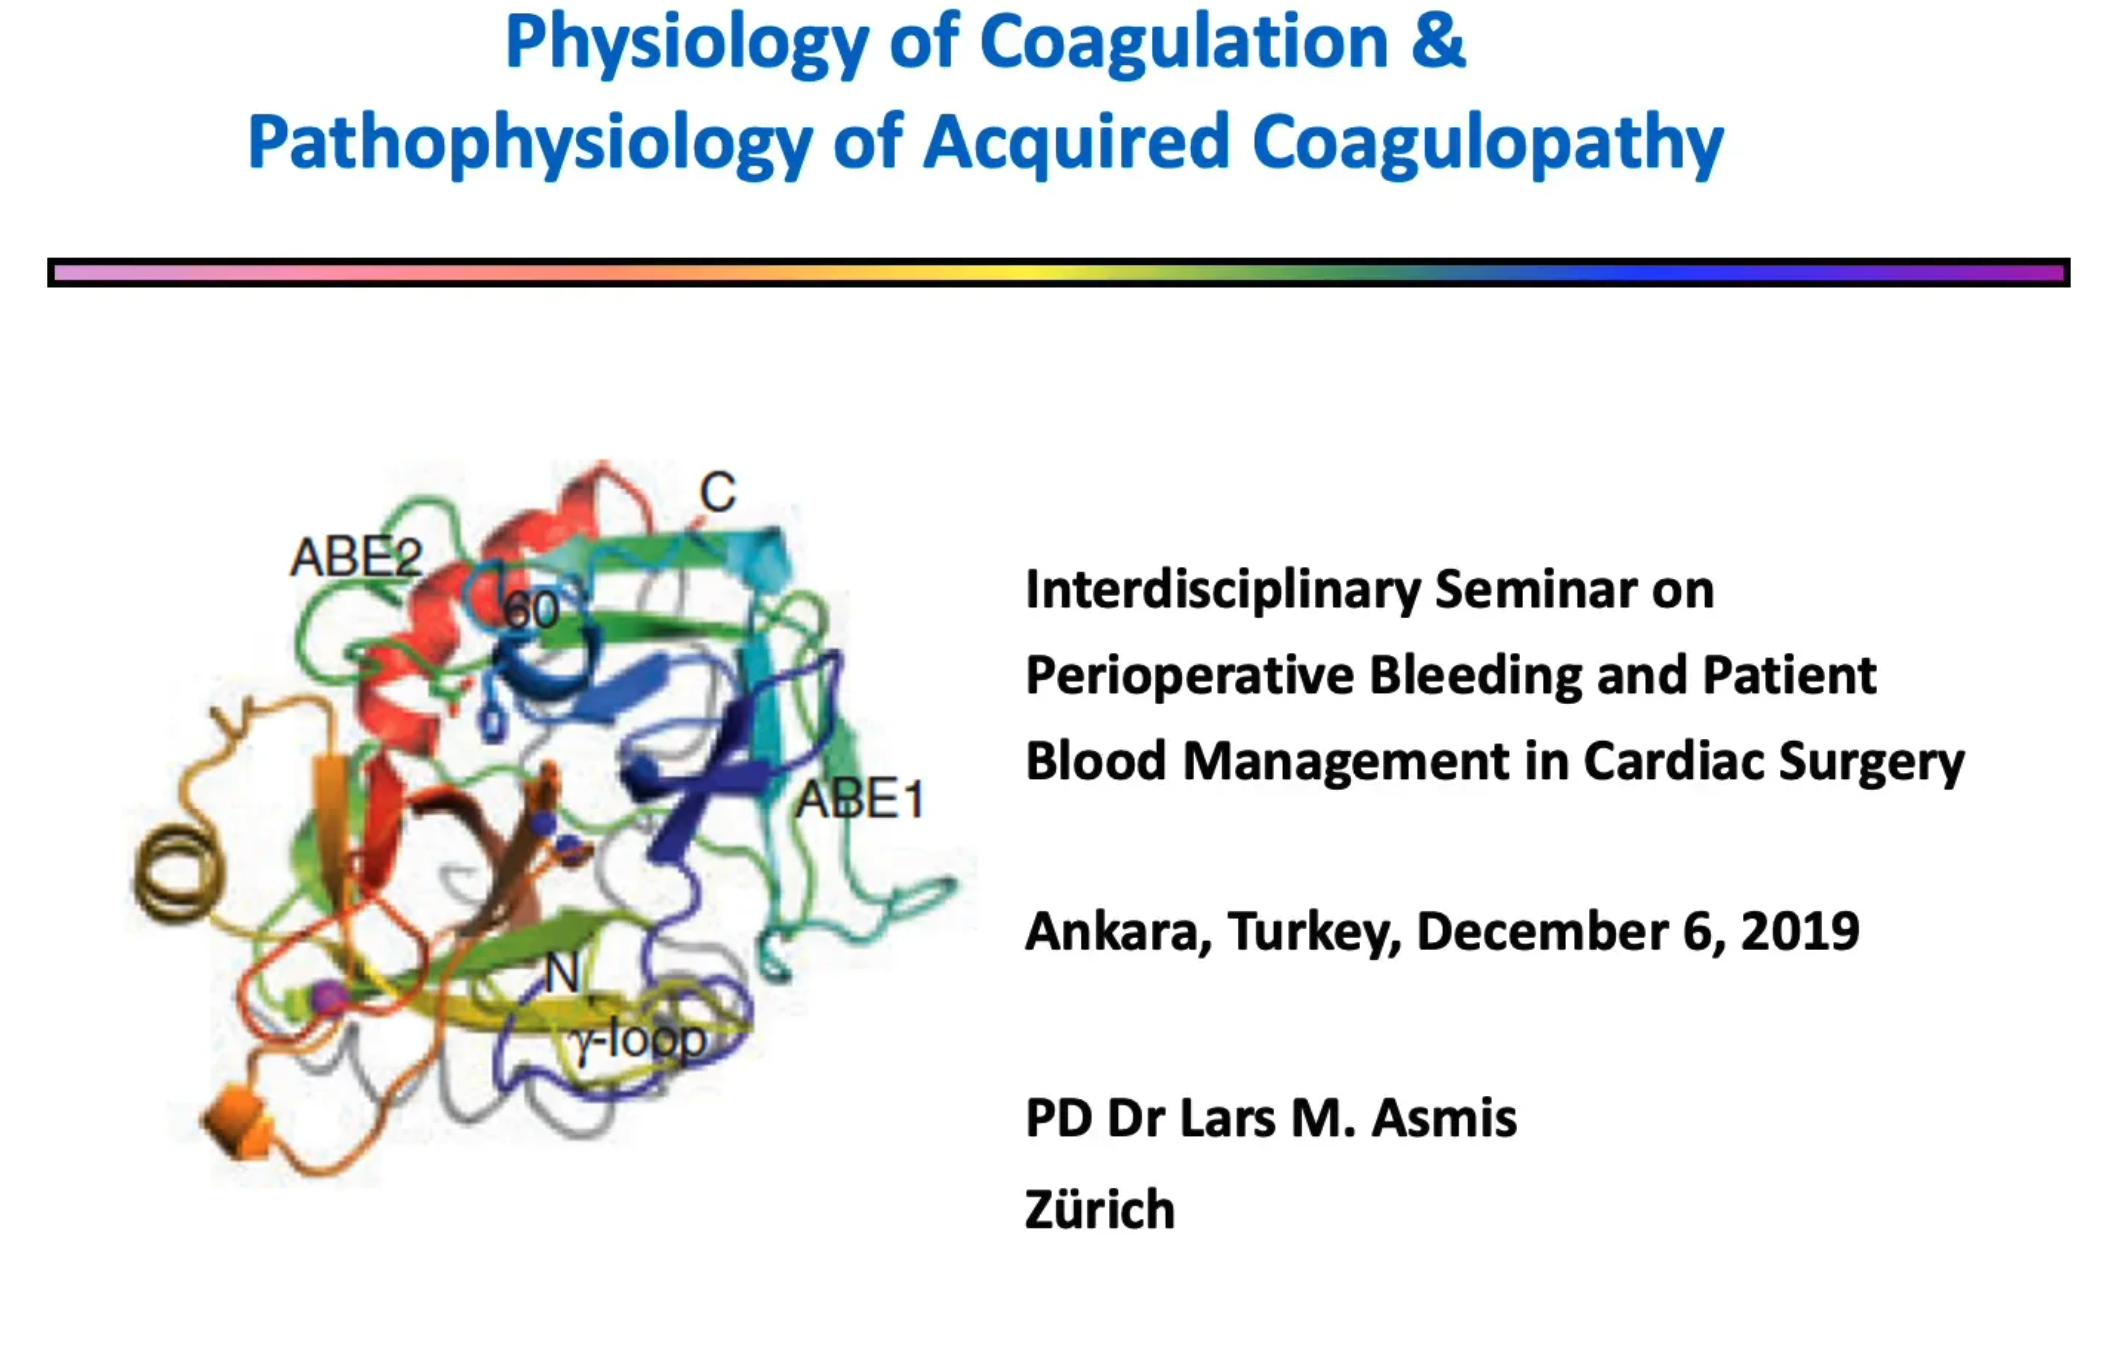 01_Asmis_Physiology Pathophysiology